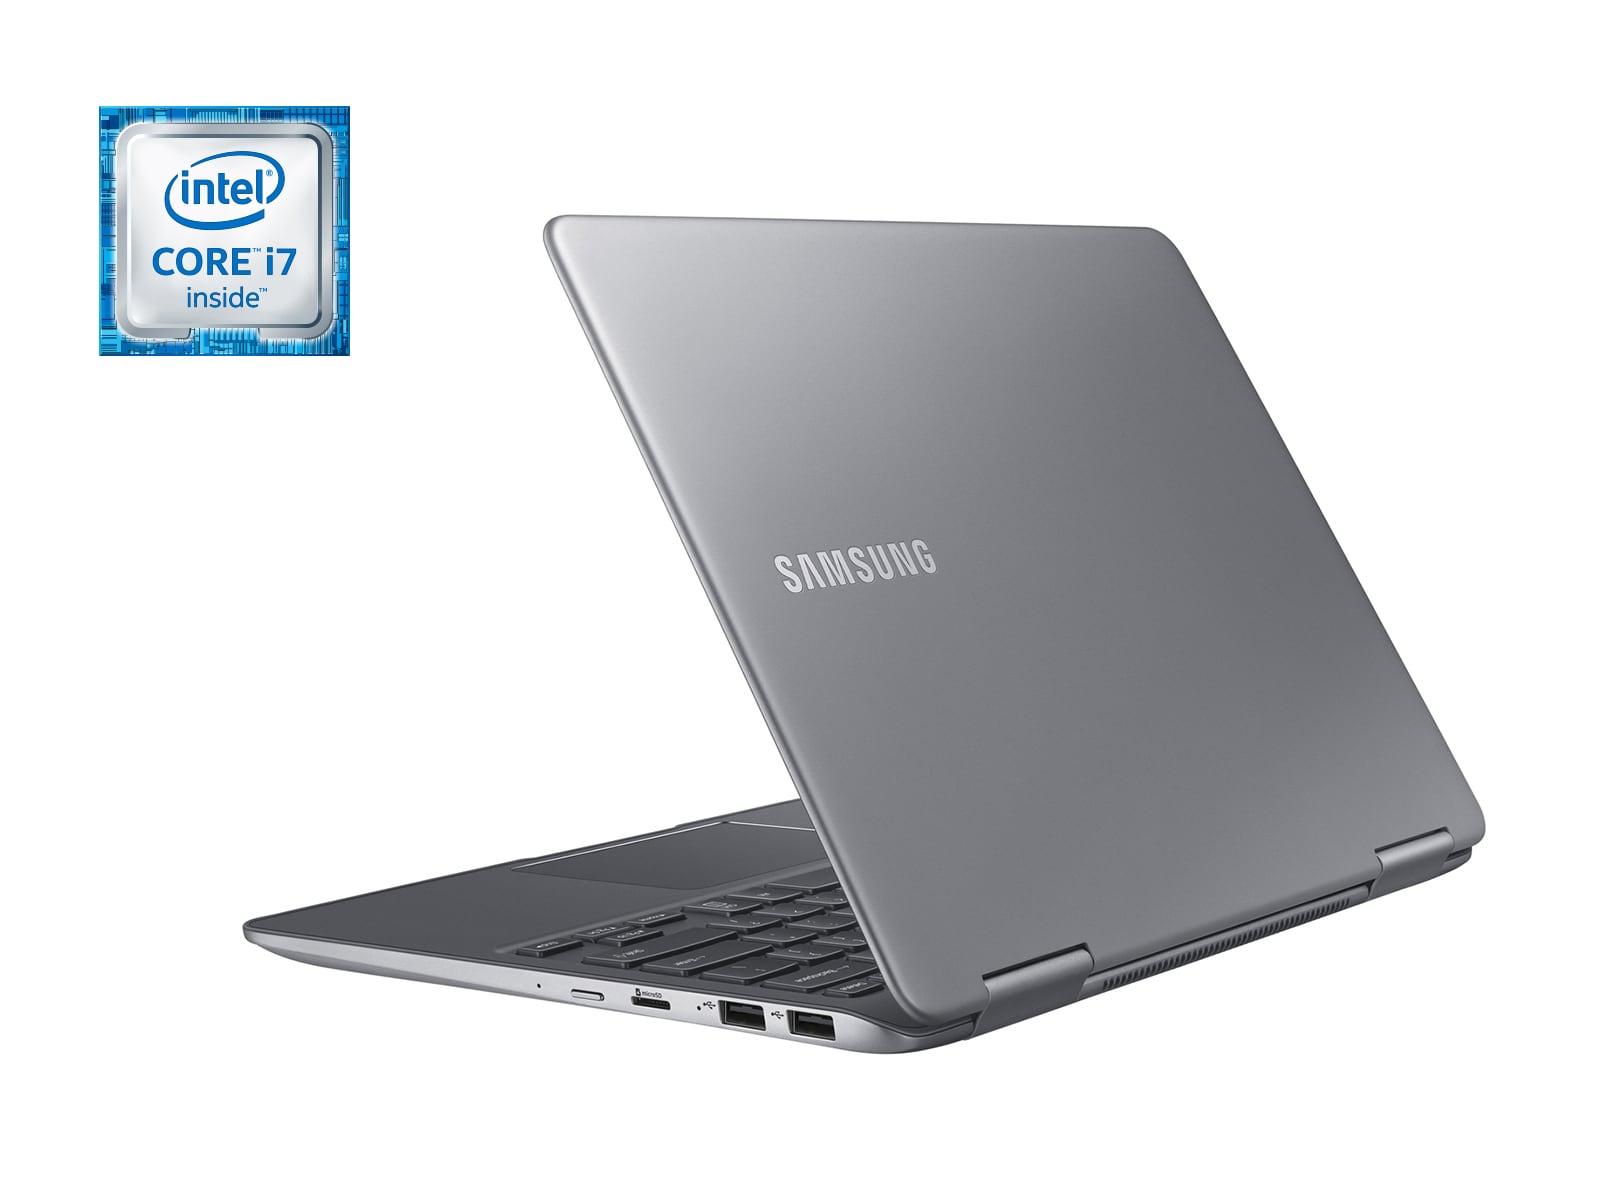 Samsung Notebook 9 NP940X3M-K02US